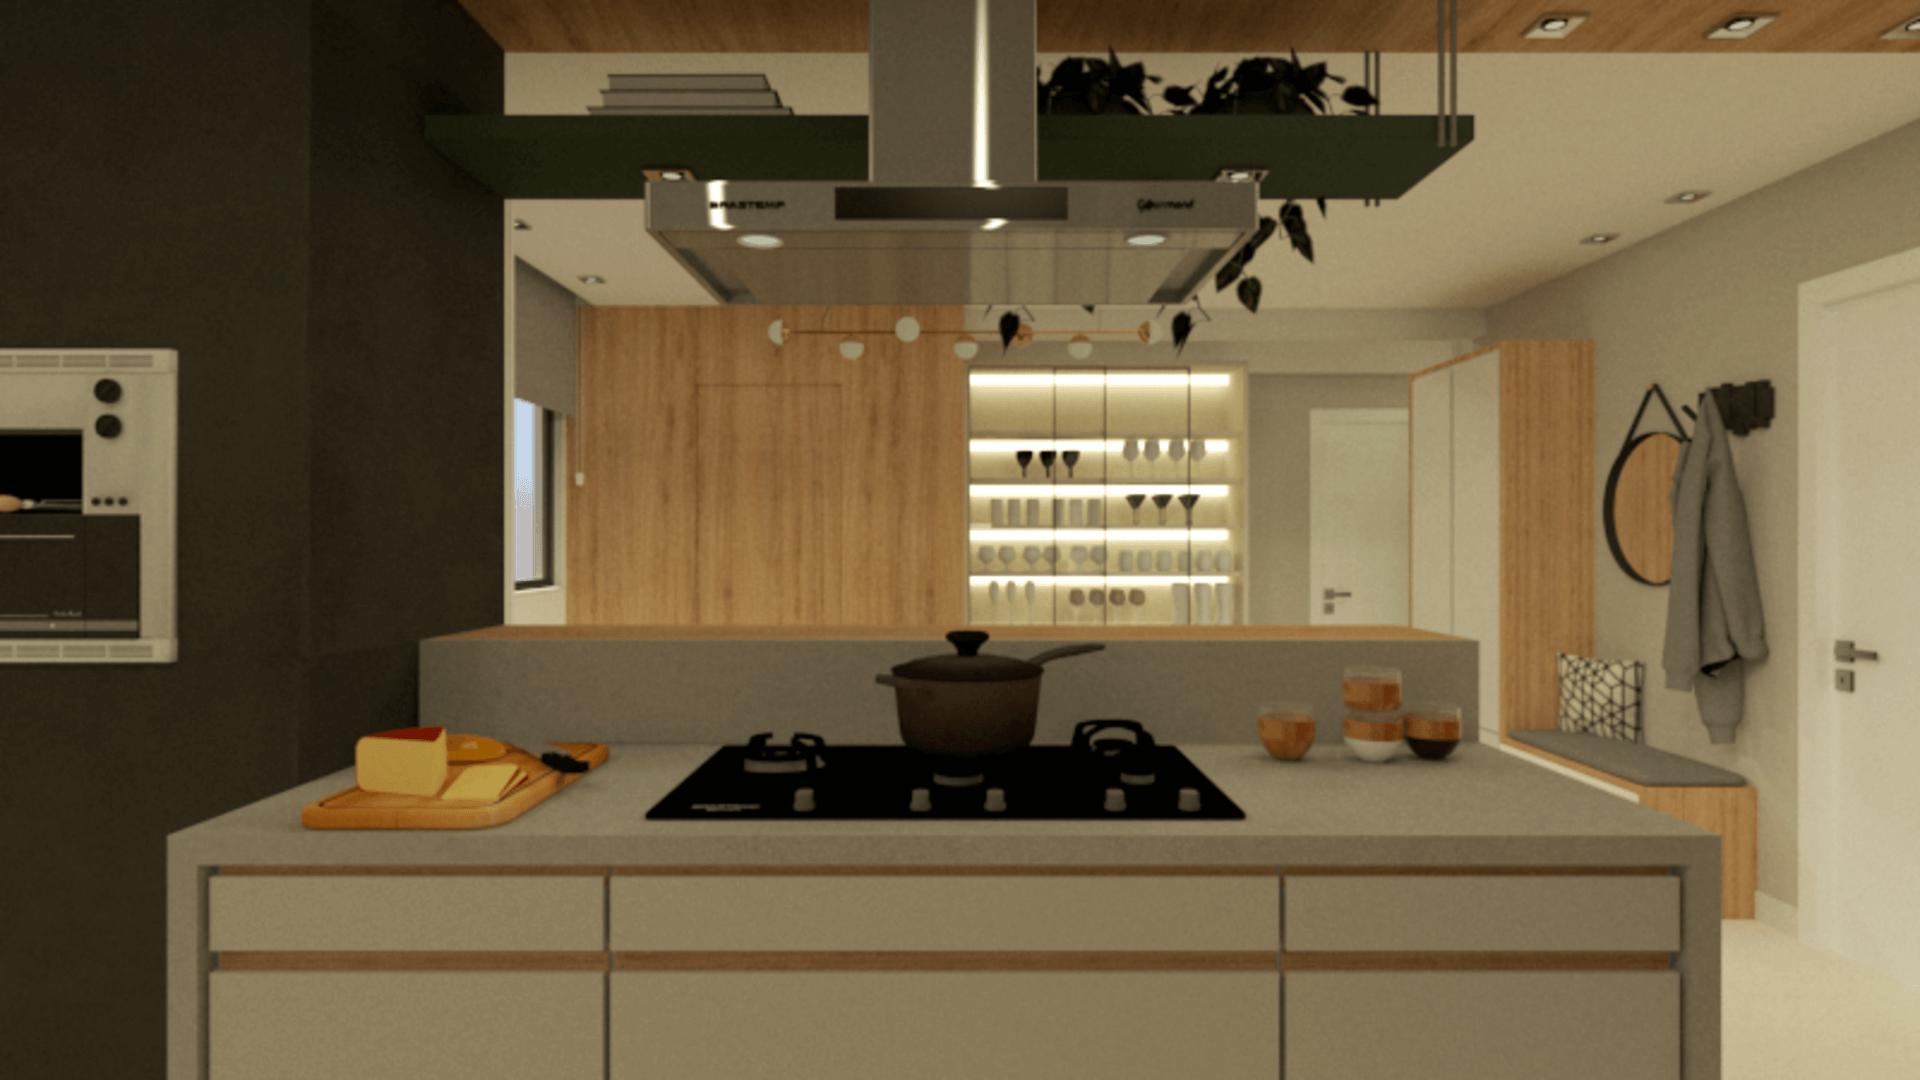 Imagem: Projeto de churrasqueira a gás em apartamento. Autoria: Arquiteca Projetos Afetivos.